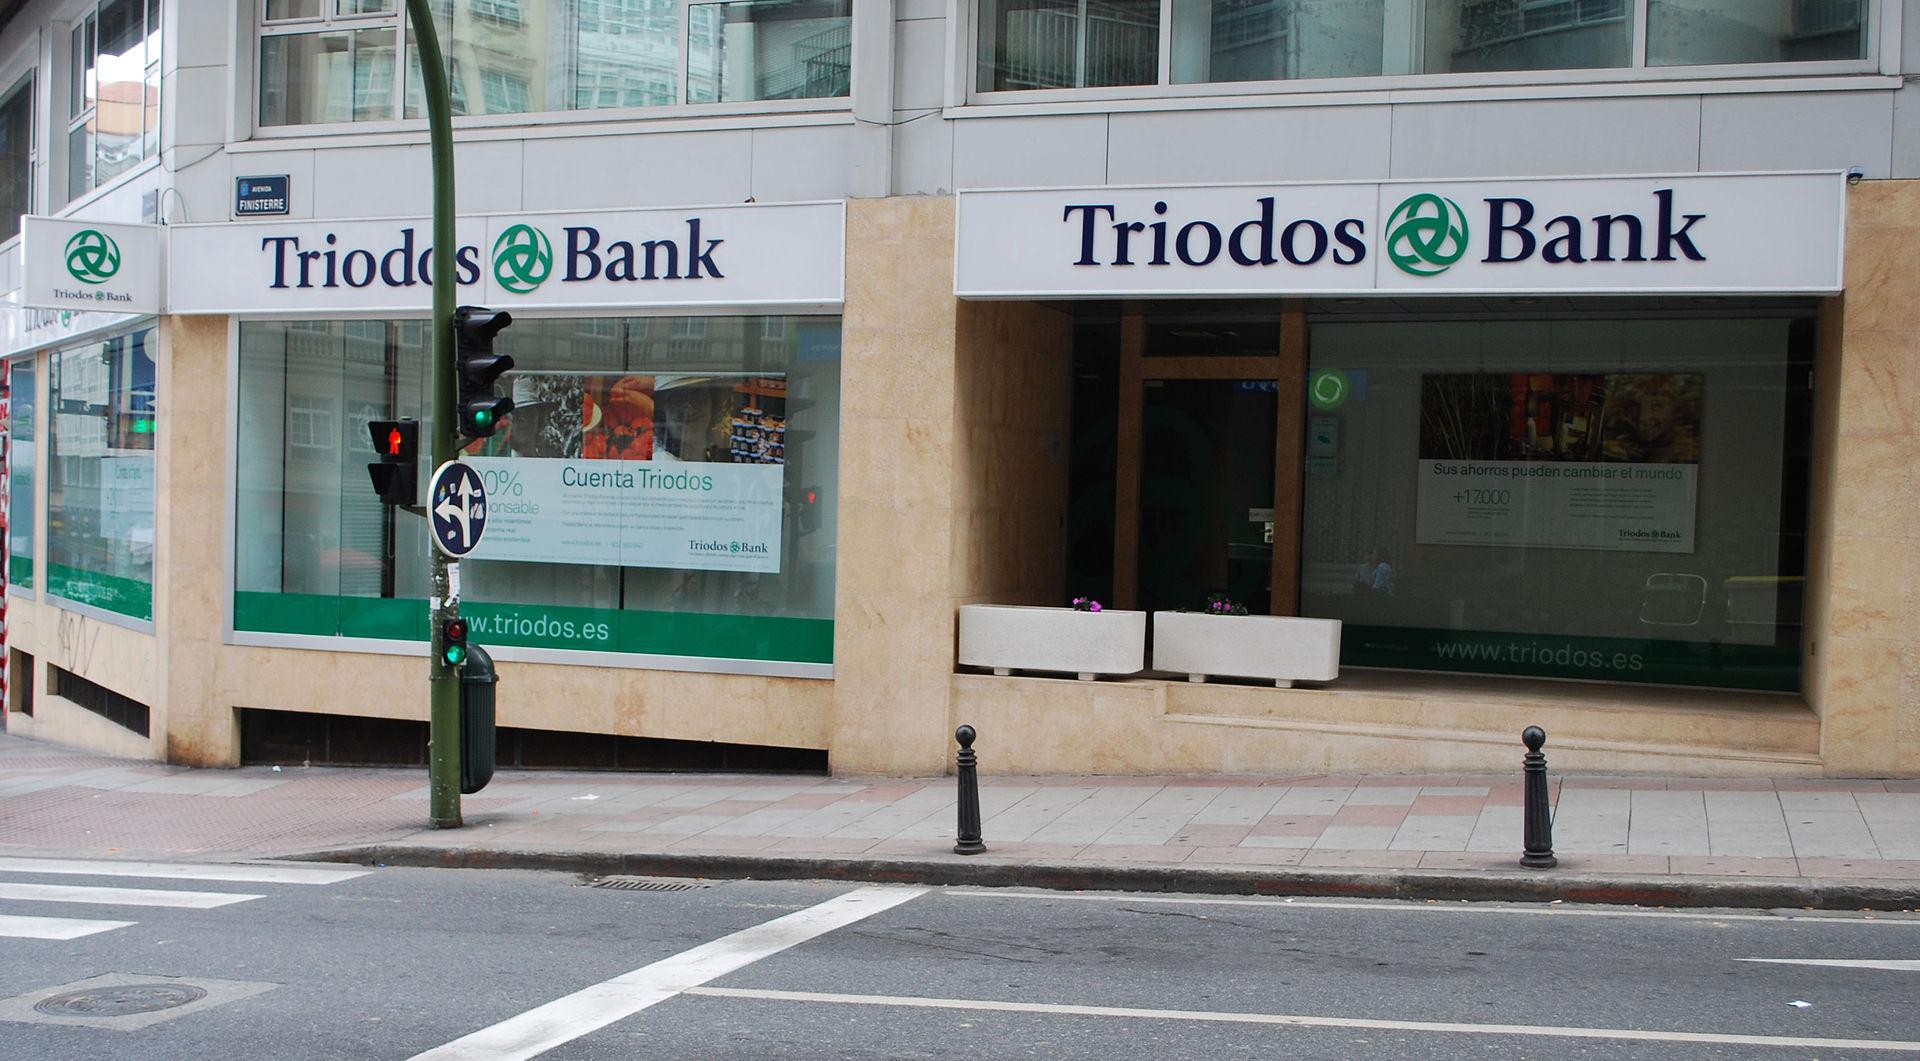 Triodos bank espana bing images for Oficina triodos madrid